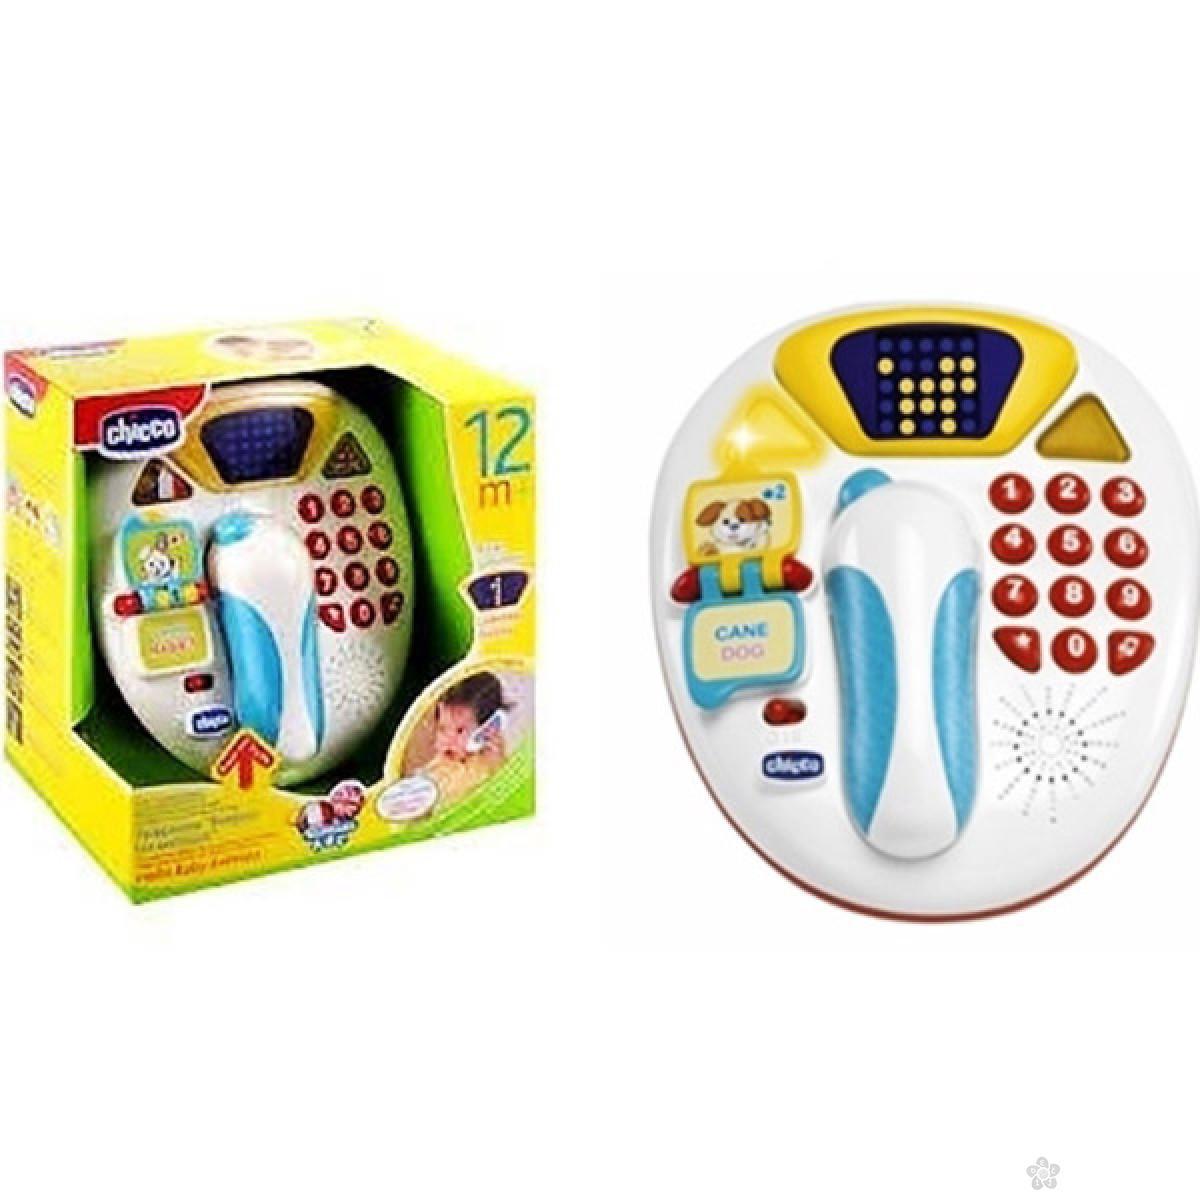 Chicco igračka mobilni telefon 35289 mag